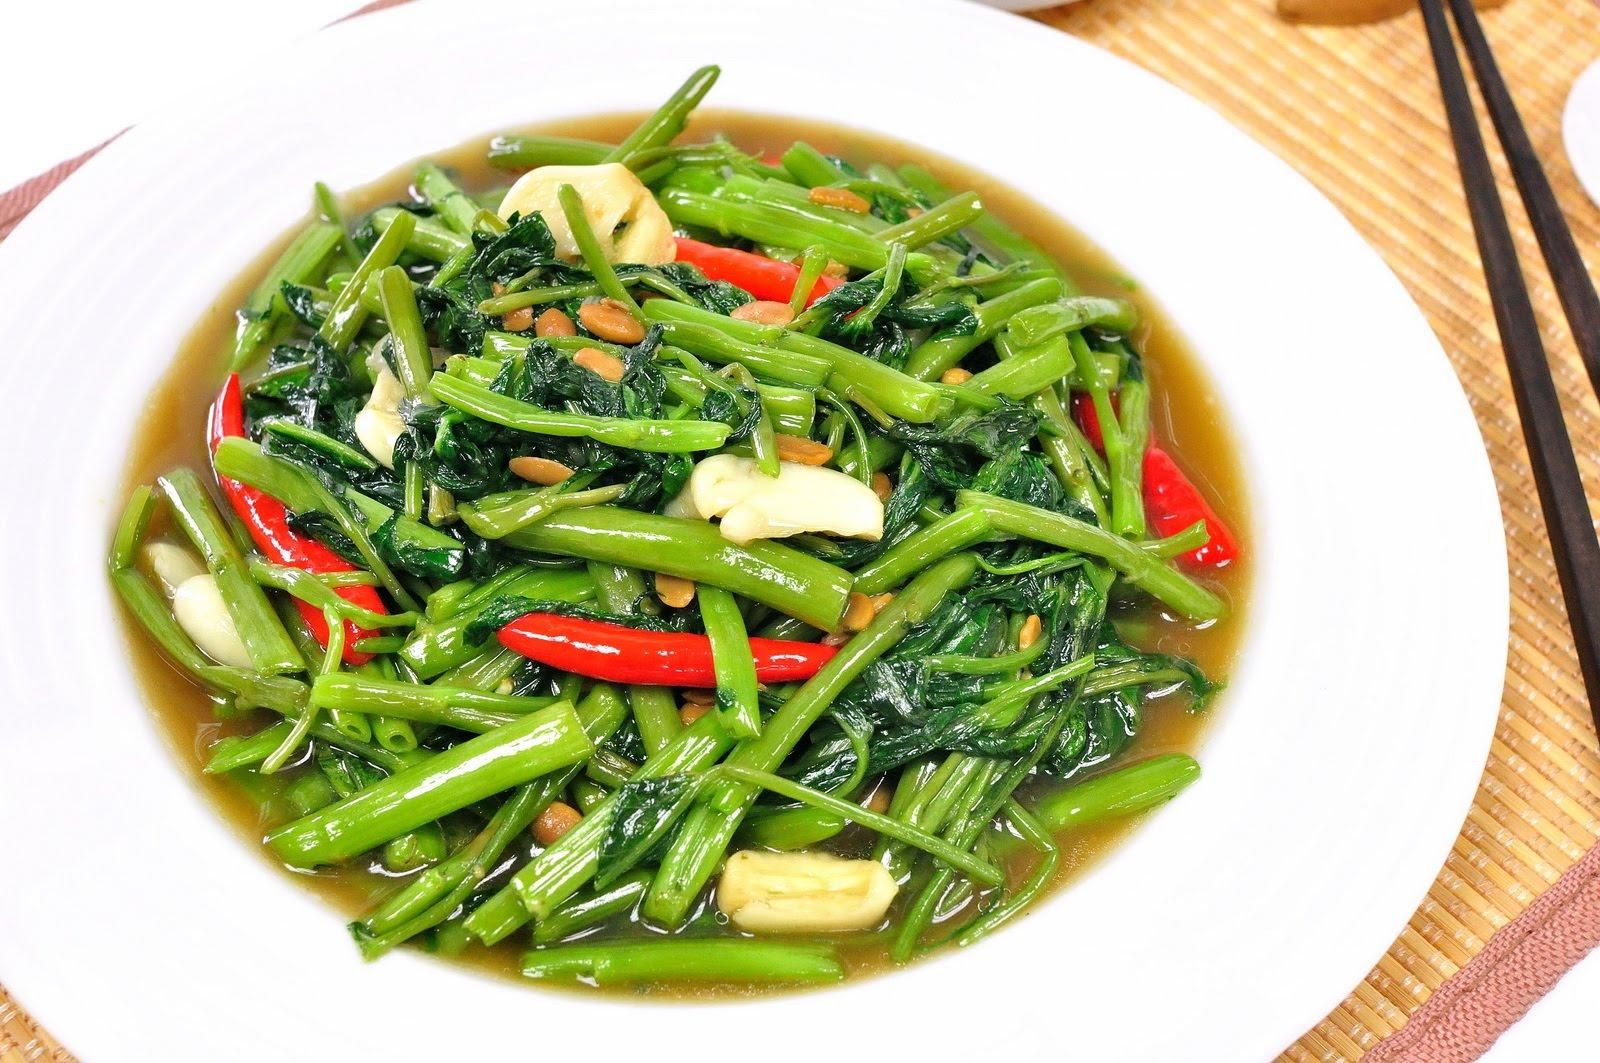 Diet food 02 - แนะนำ 20 เมนูอาหารตามสั่งที่ไม่อ้วน เที่ยงกินได้ เย็นกินแล้วไม่อ้วน